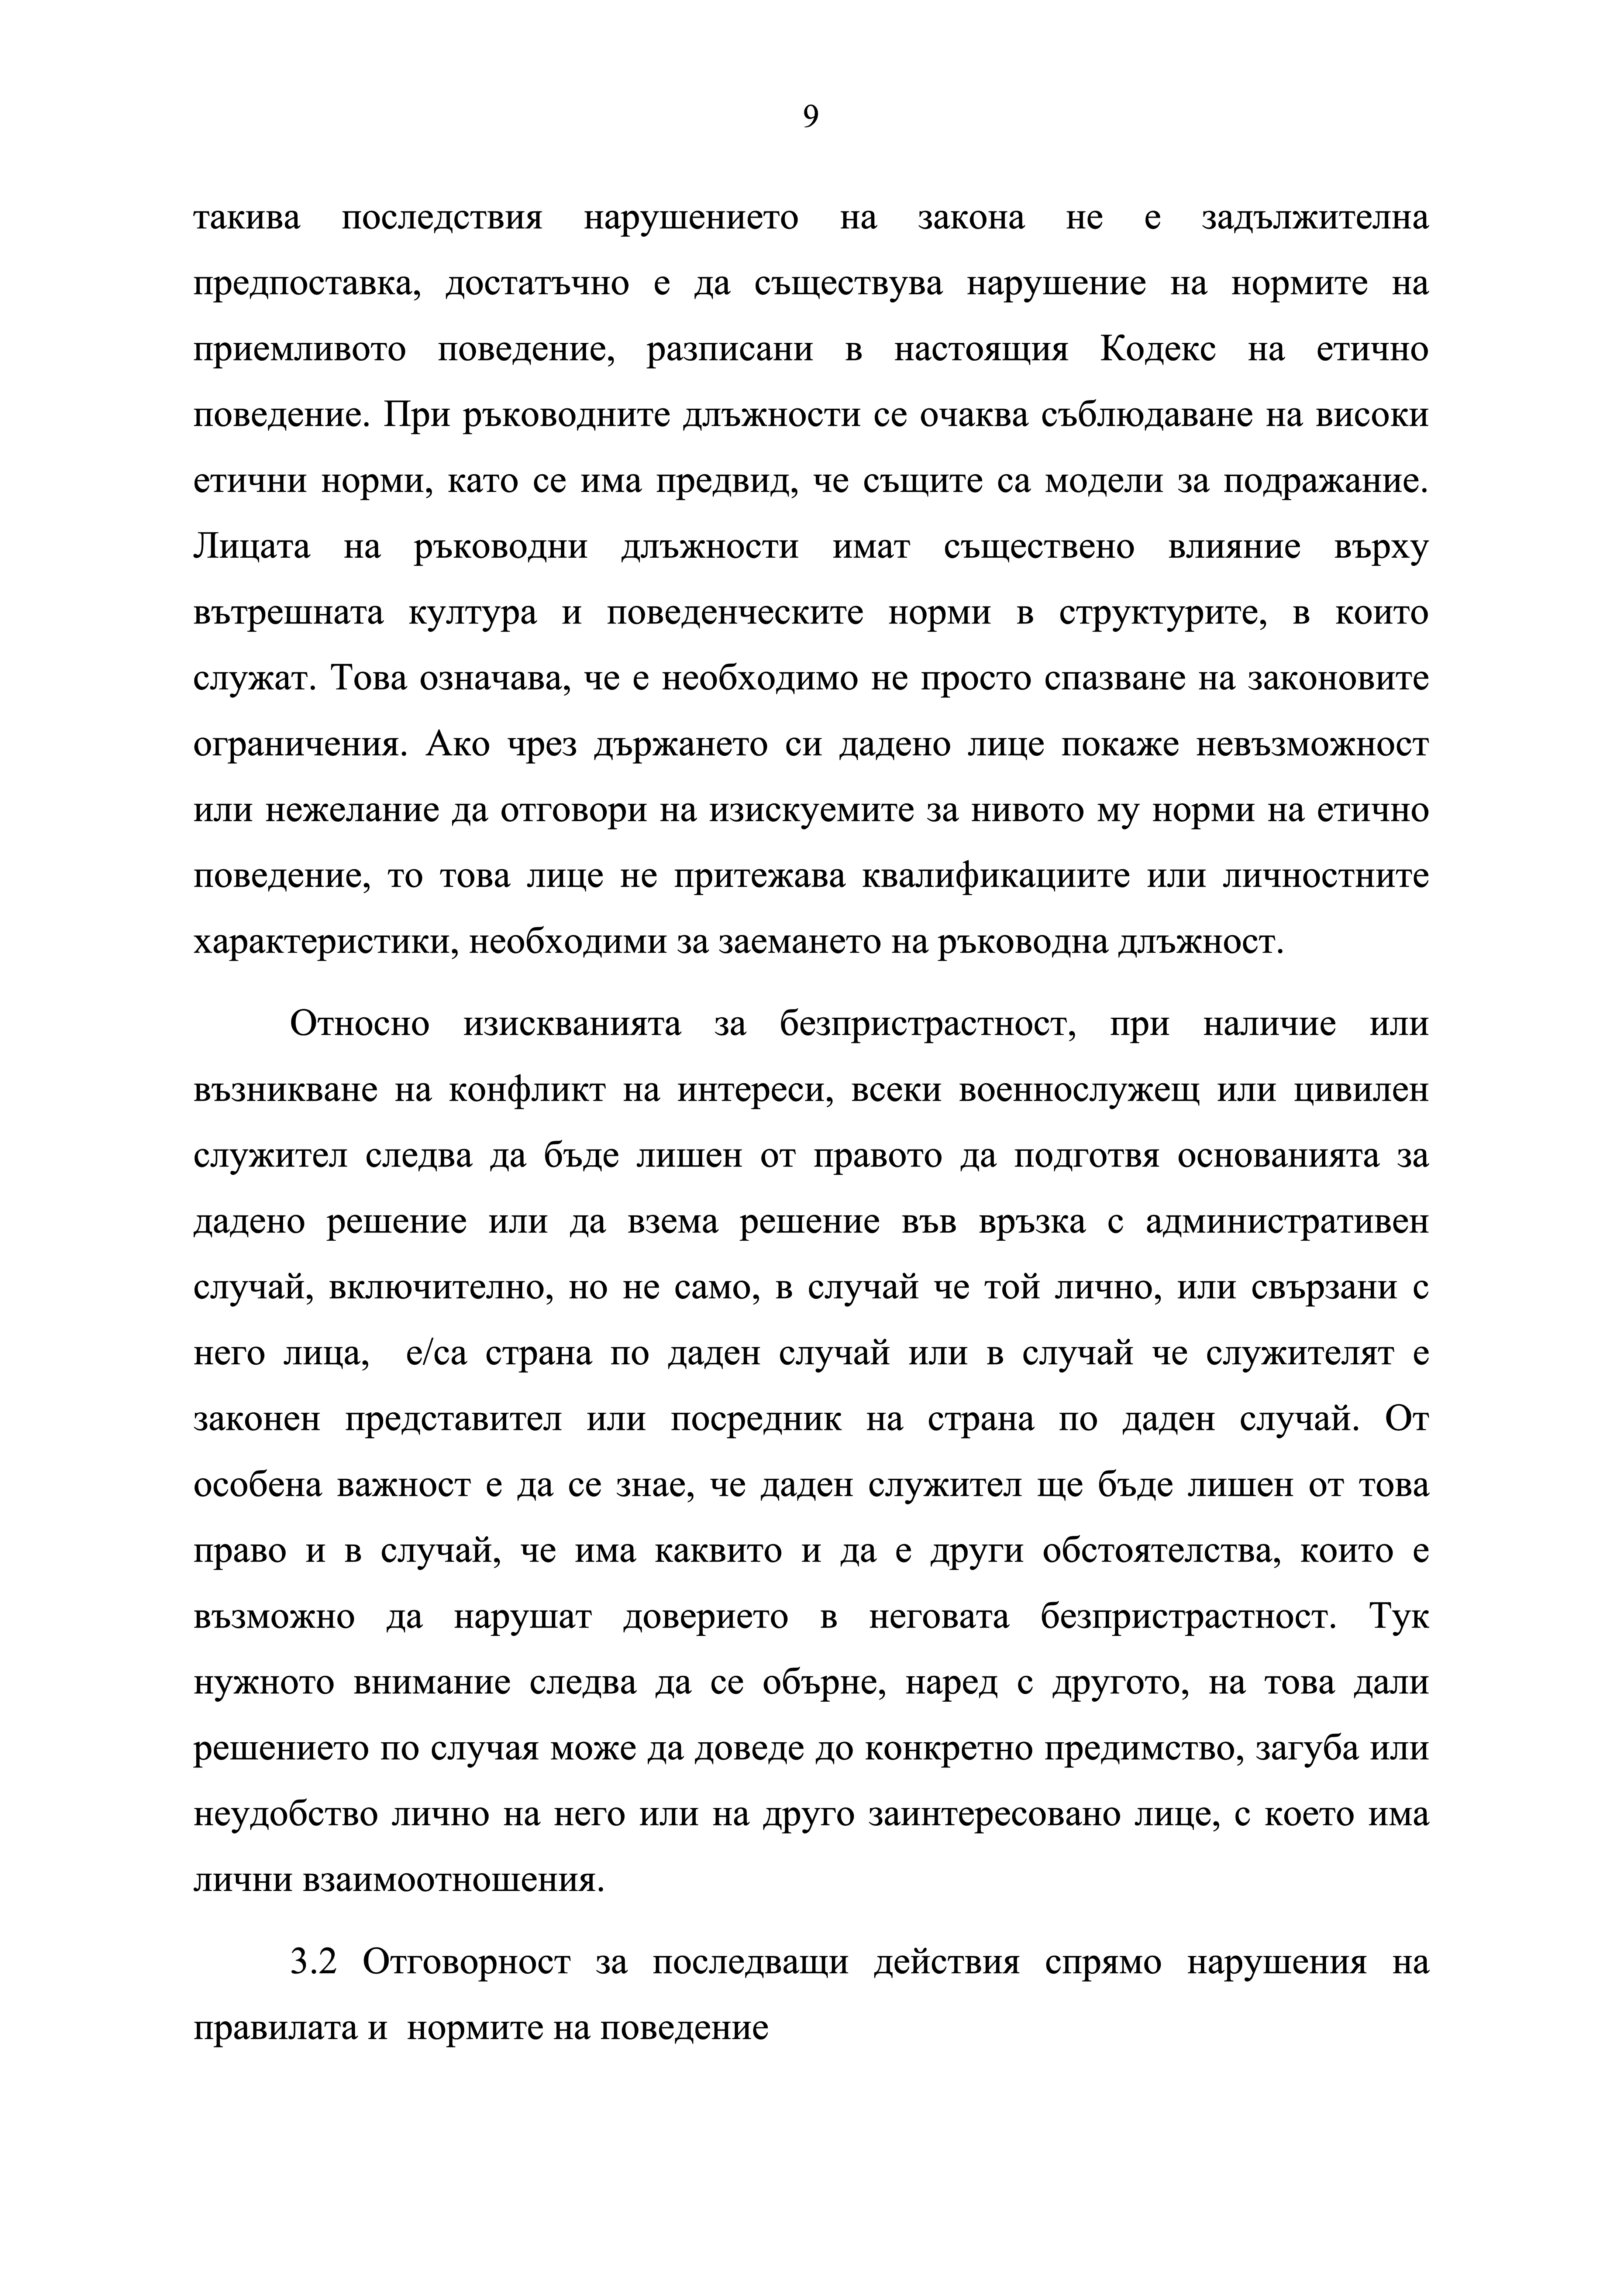 kodeks_etichno_povedenie_009